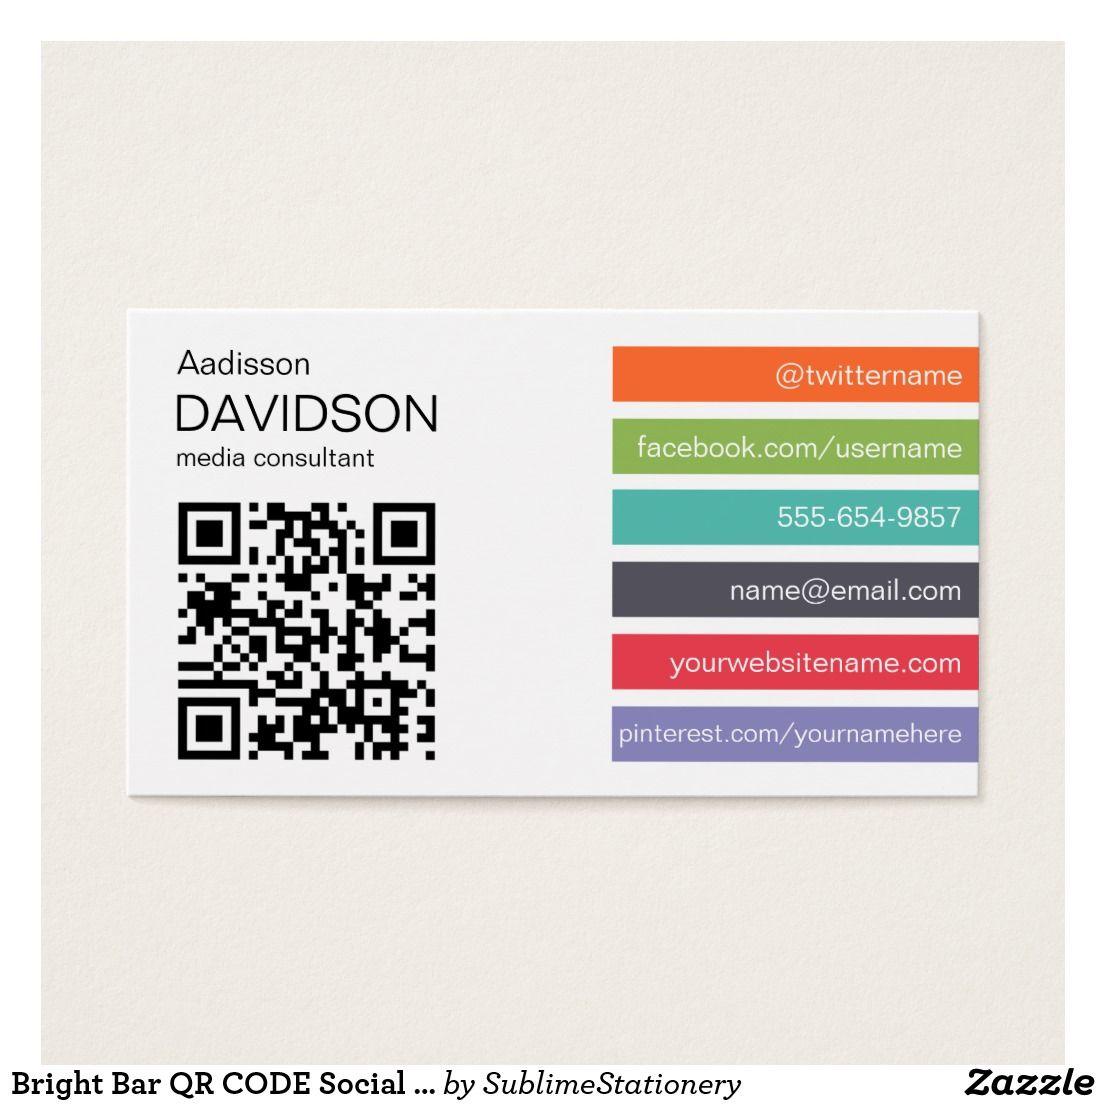 Bright Bar Qr Code Social Media Business Card Razzle Dazzle Zazzle